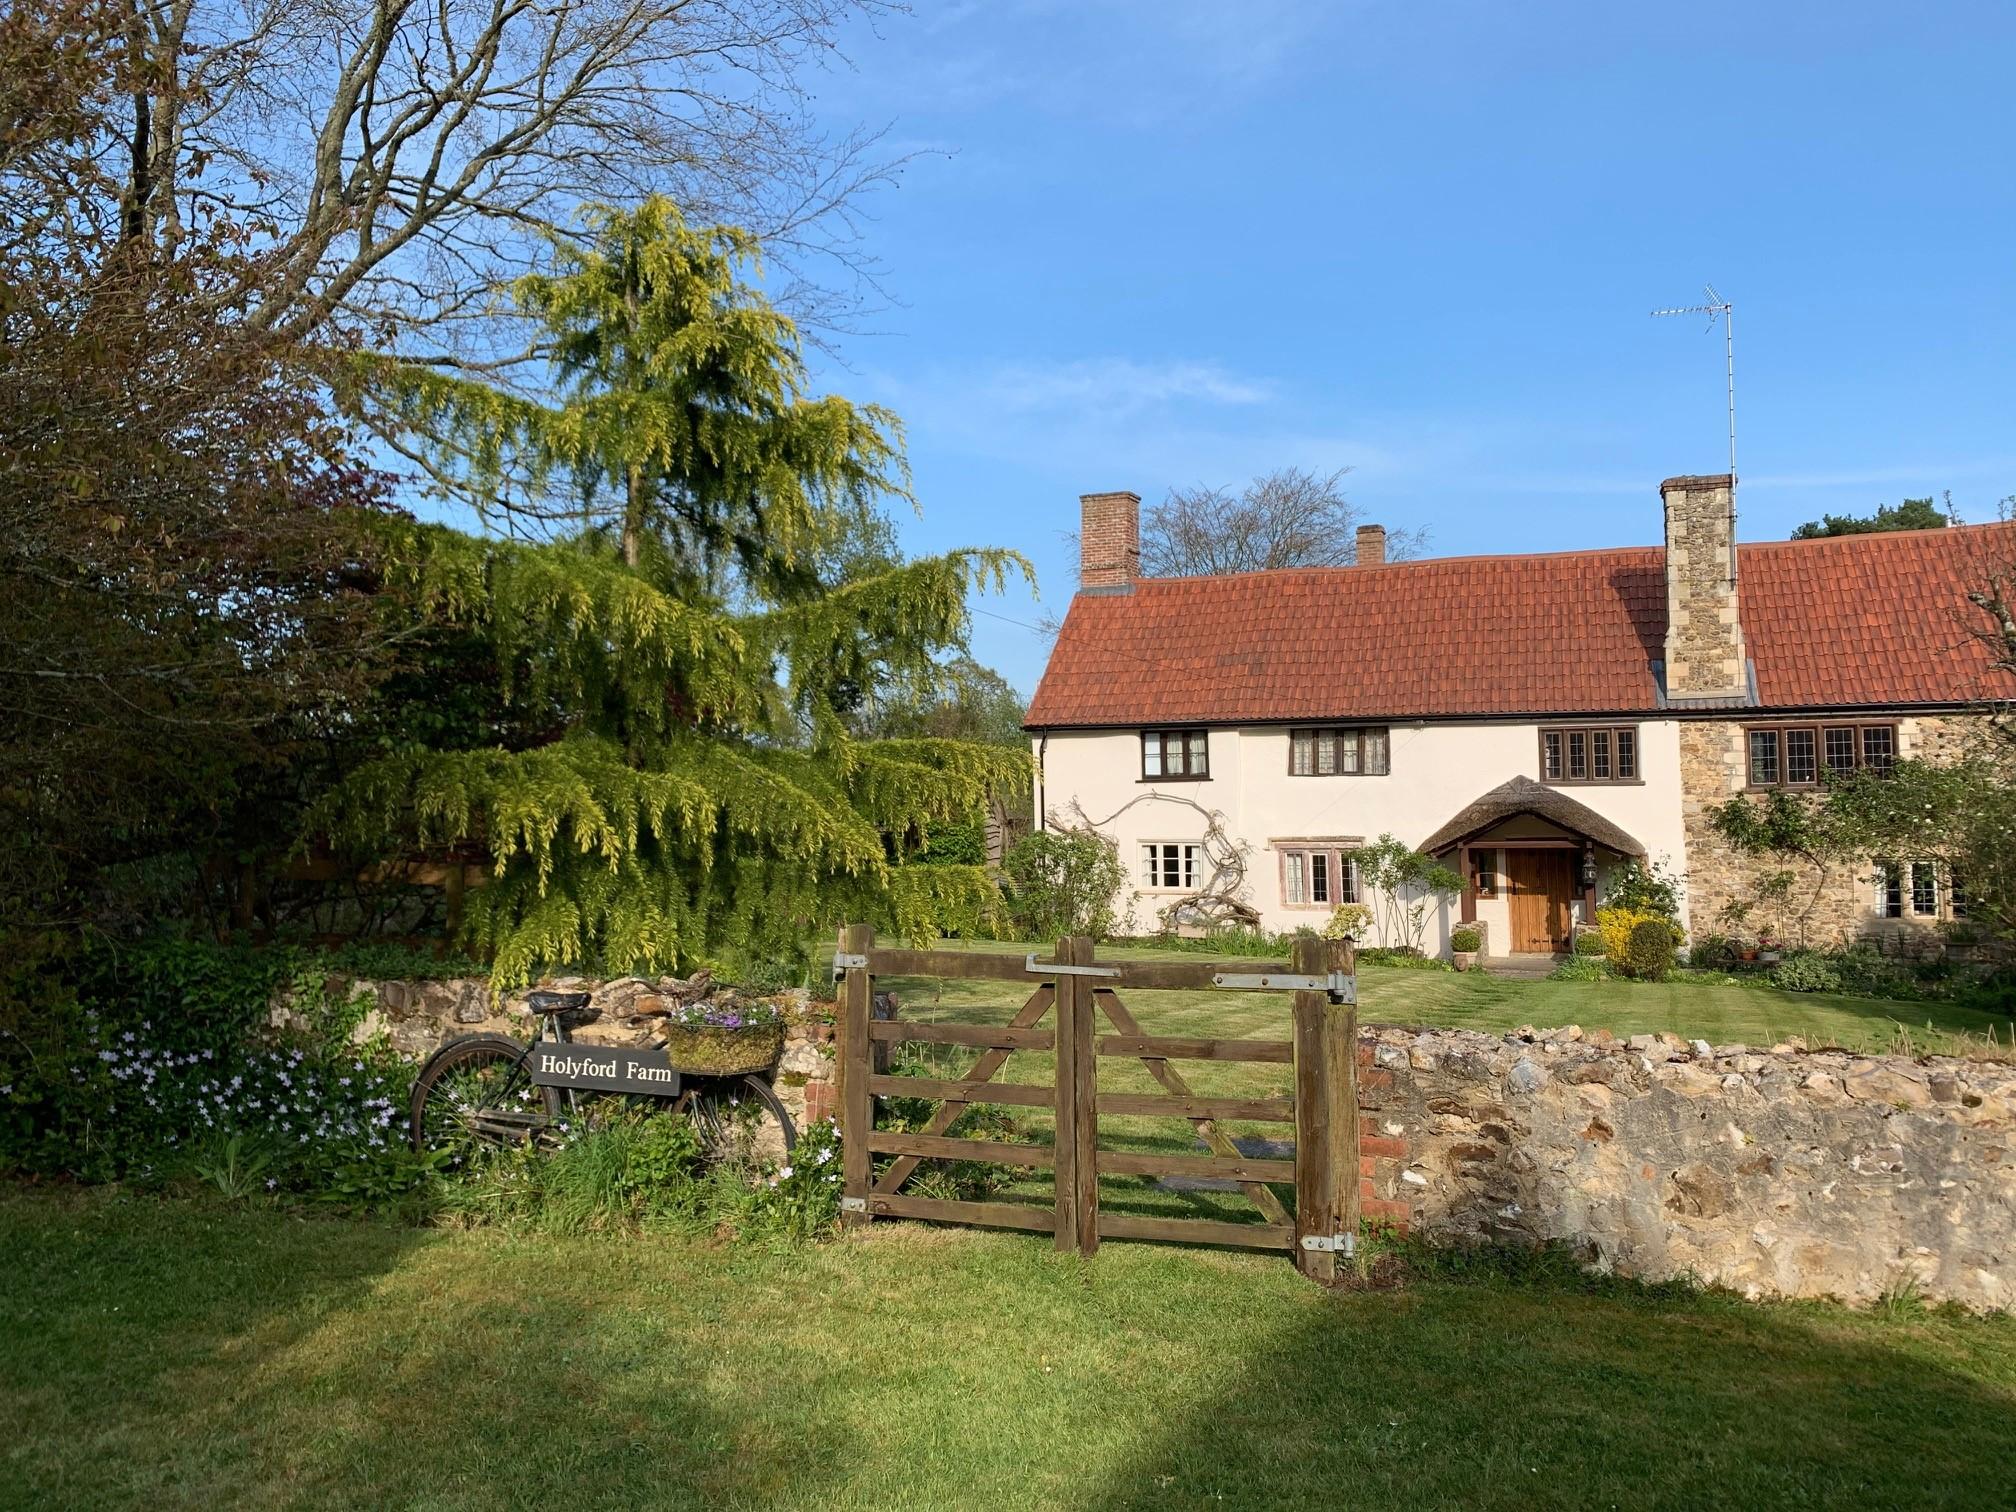 Holyford Farm